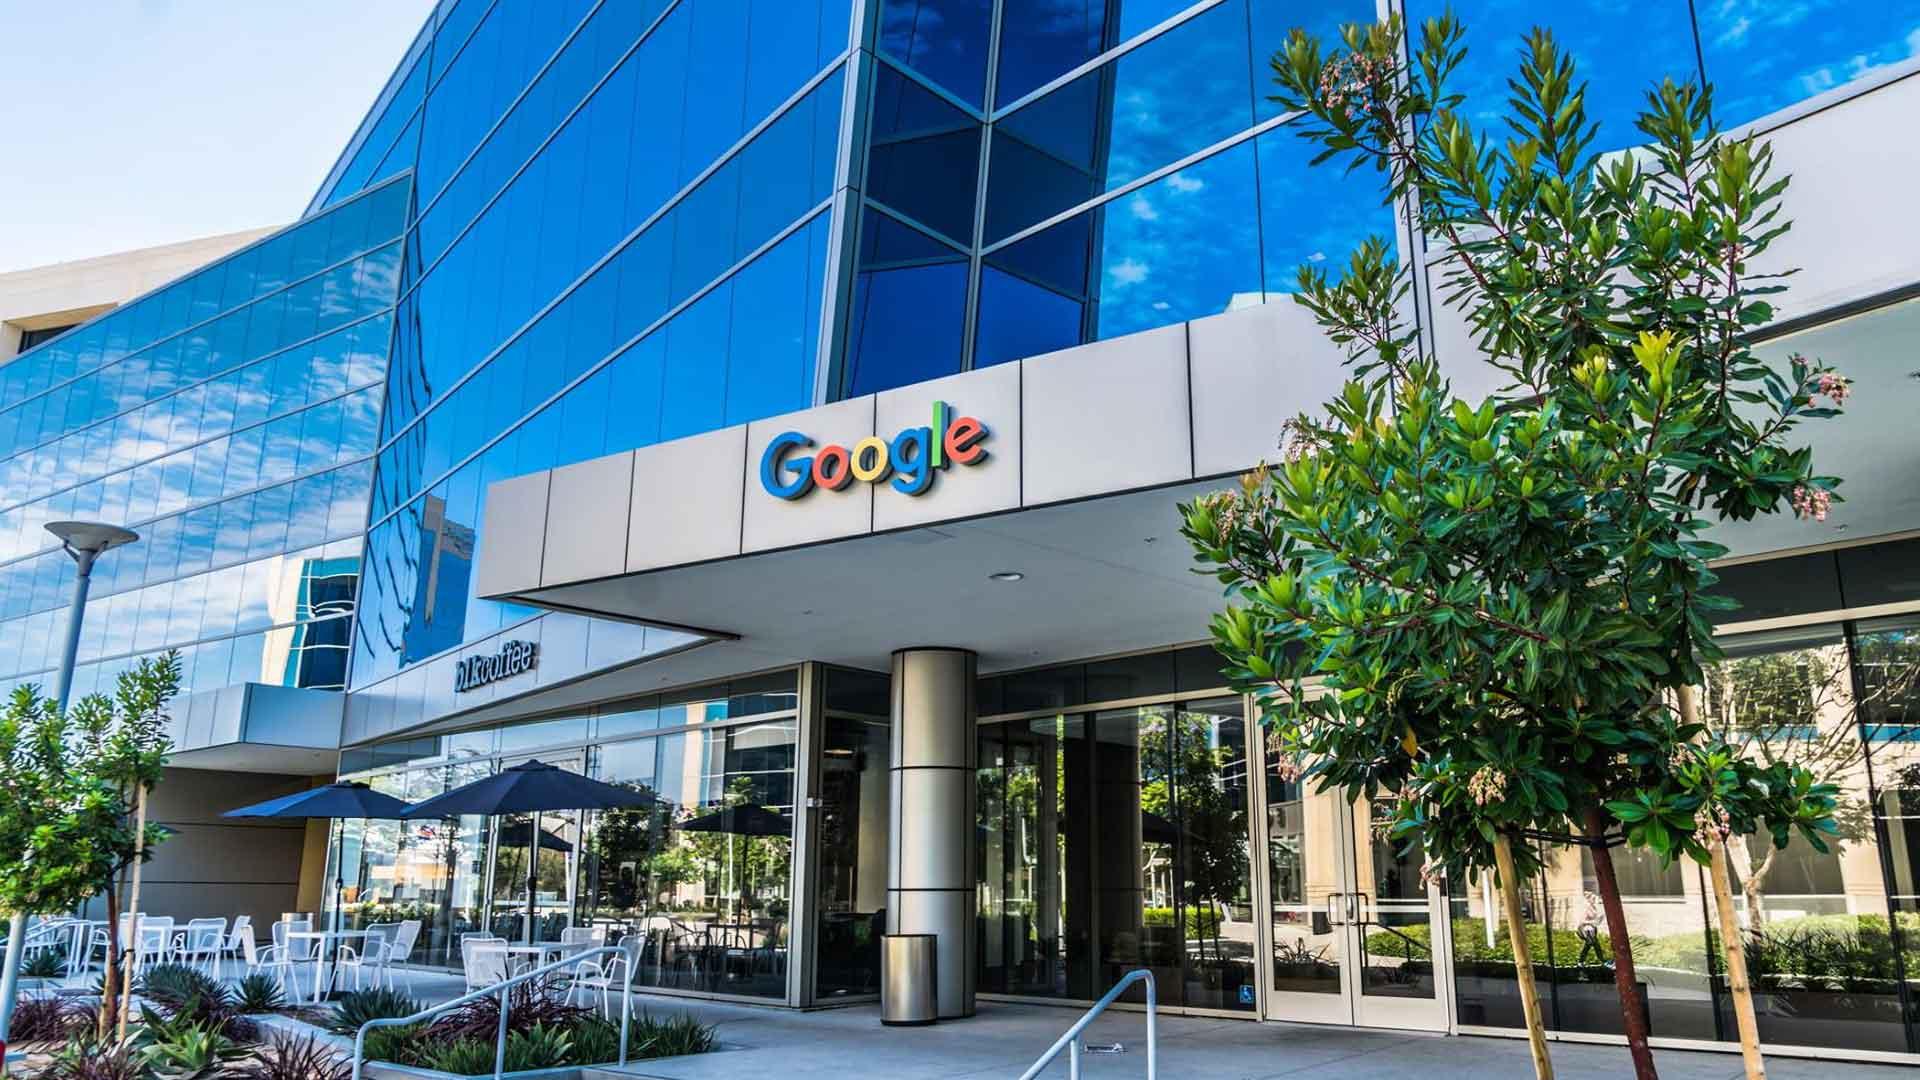 Googleplex by Clive Wilkinson.